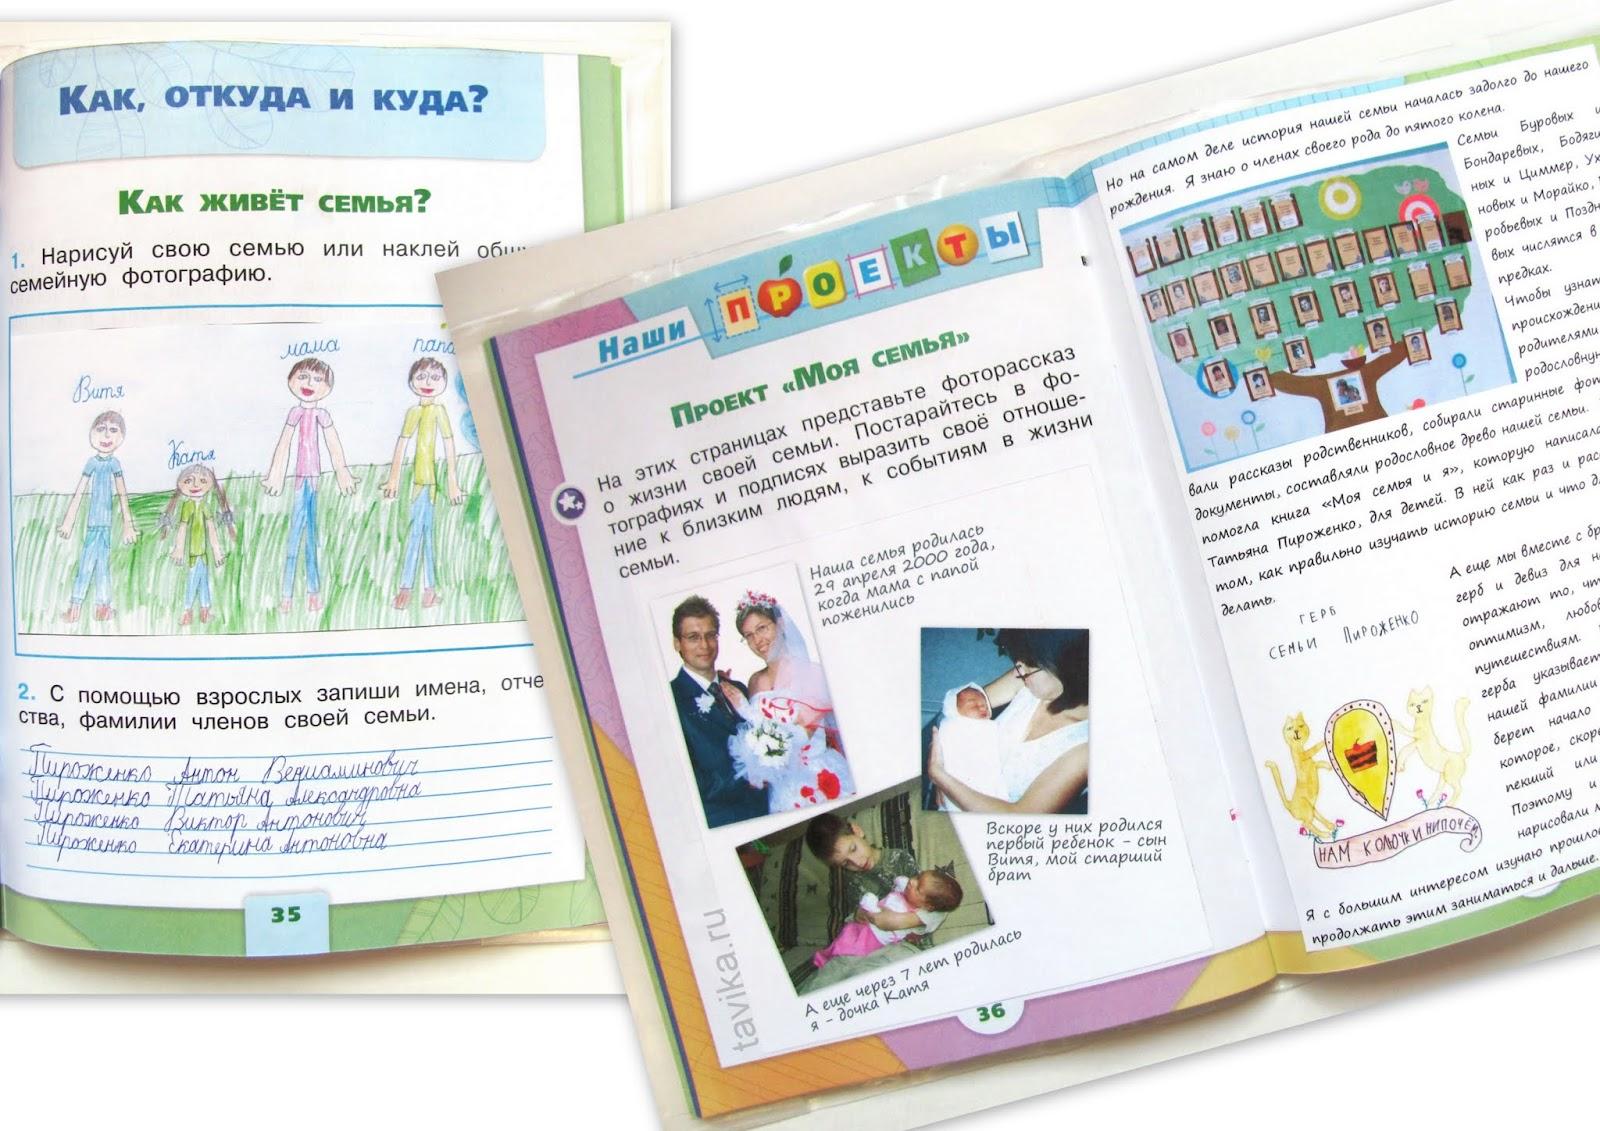 """Рассказ о семье для школьного проекта """"Моя семья"""""""